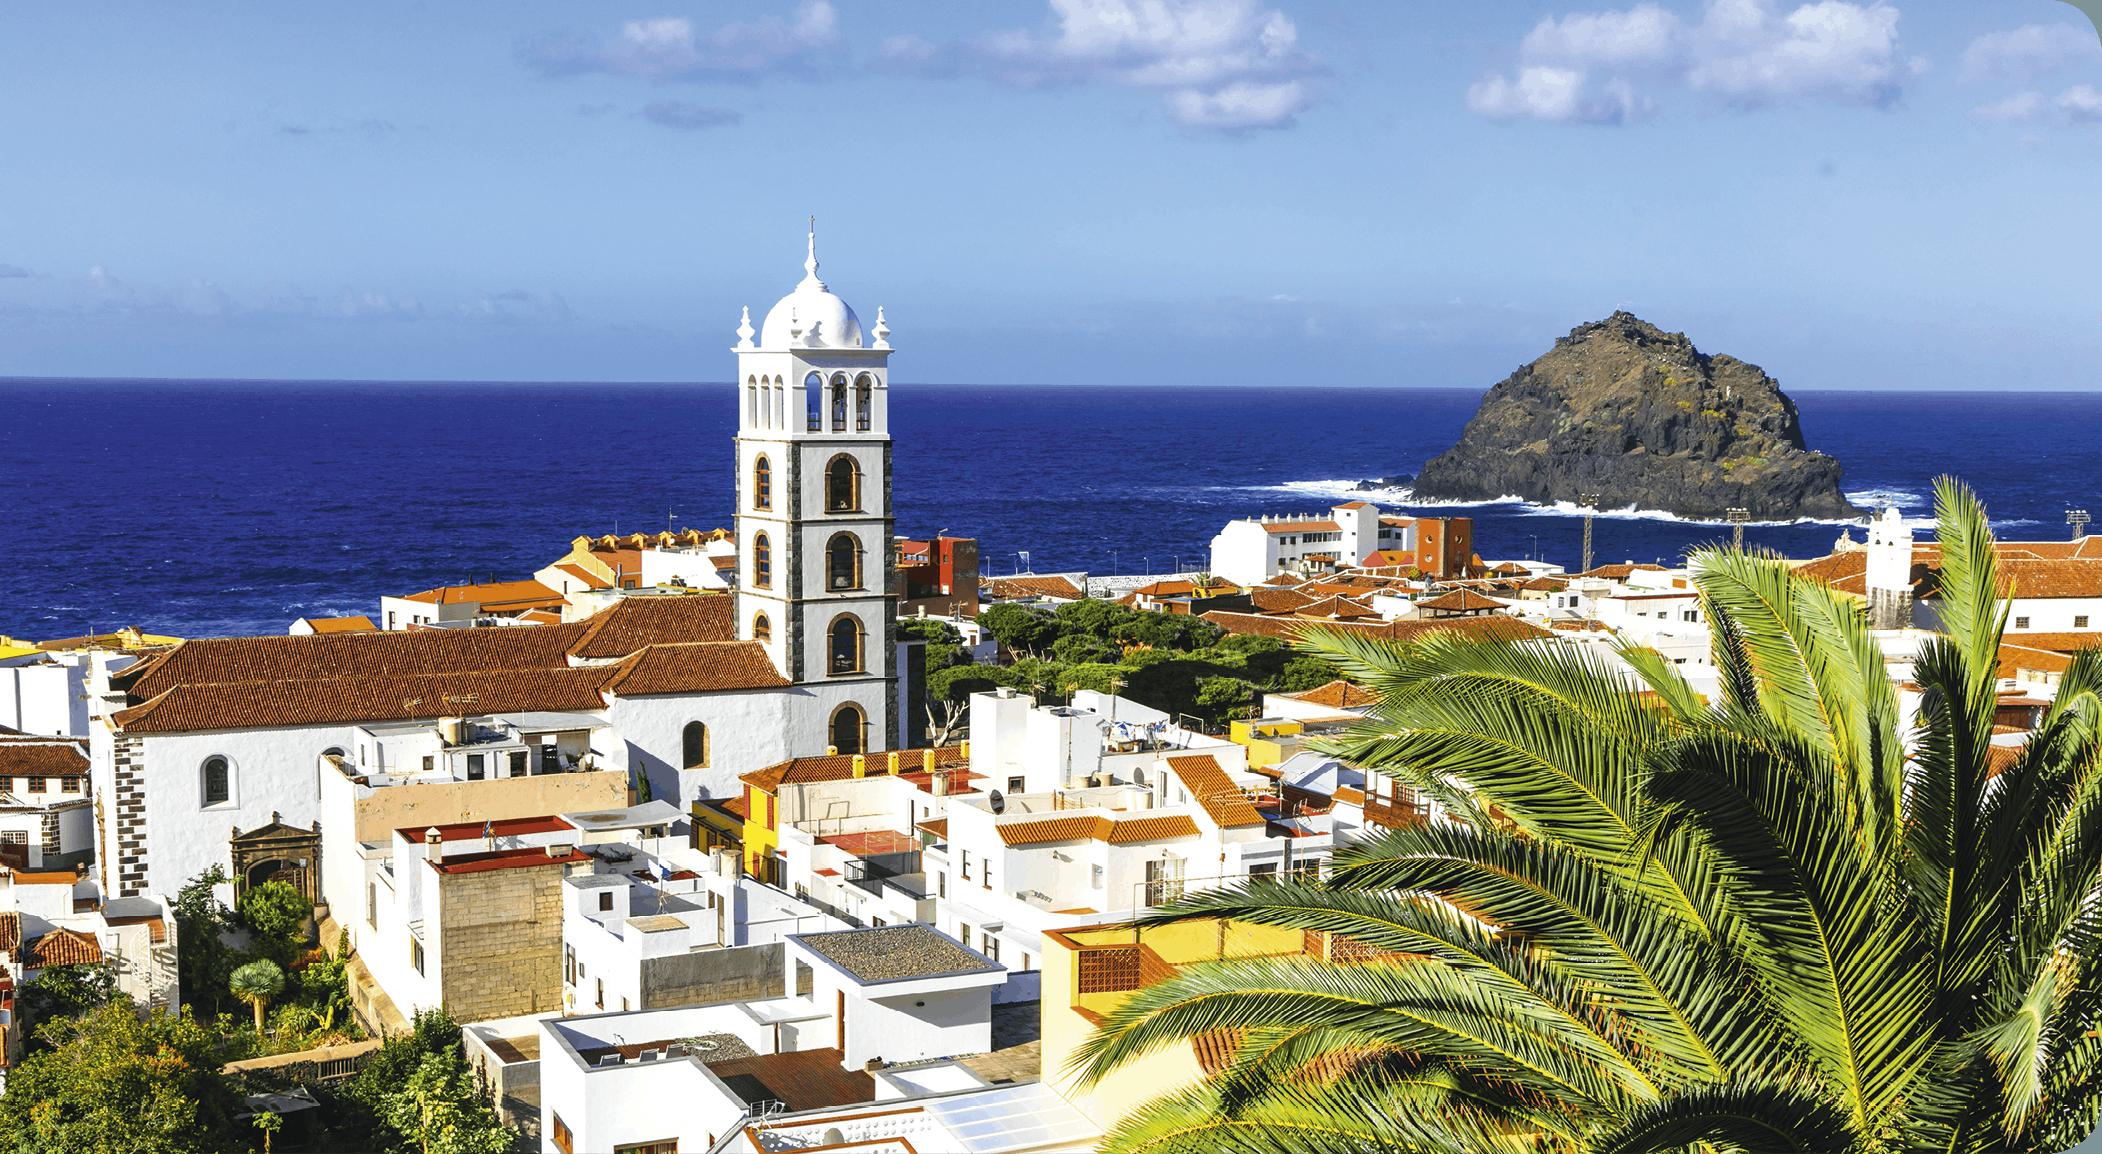 Garachico, aldea tradicional de la isla de Tenerife, Islas Canarias, 2018